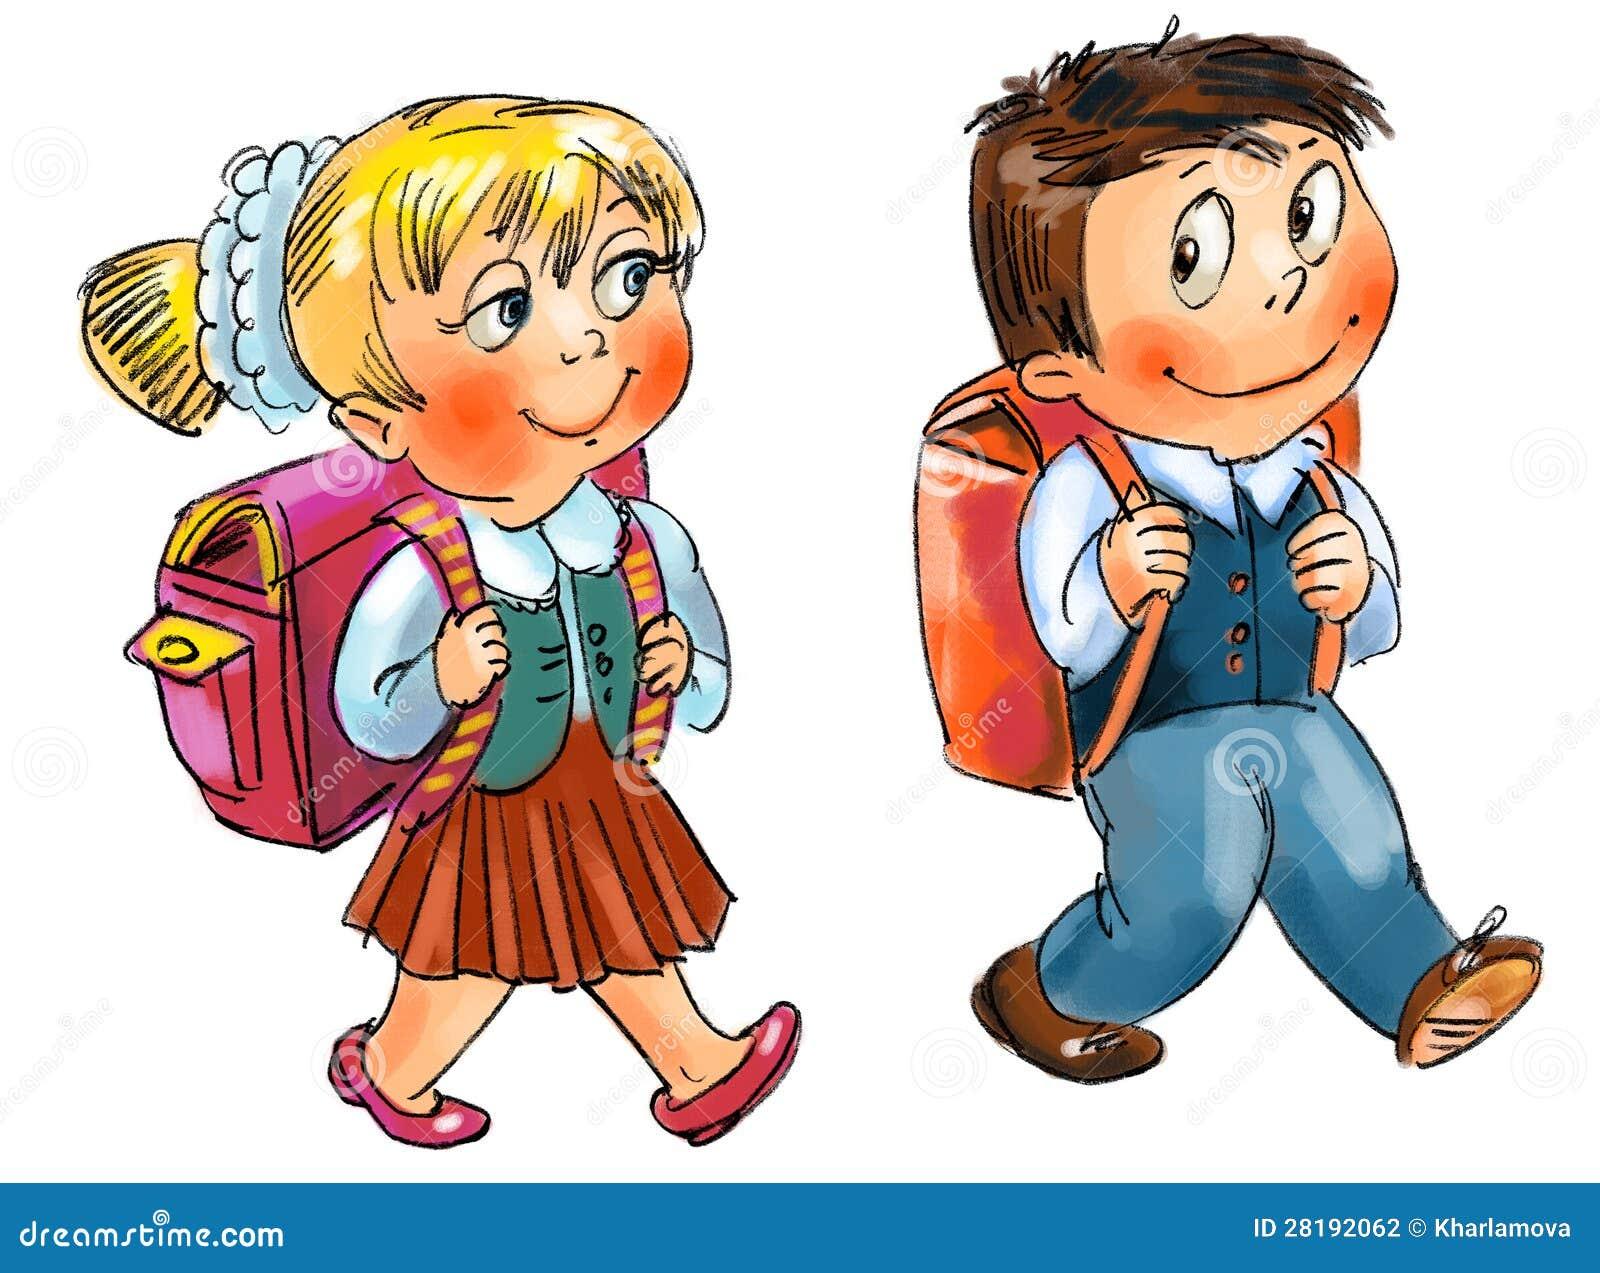 Картинка девочка и мальчик с портфелем